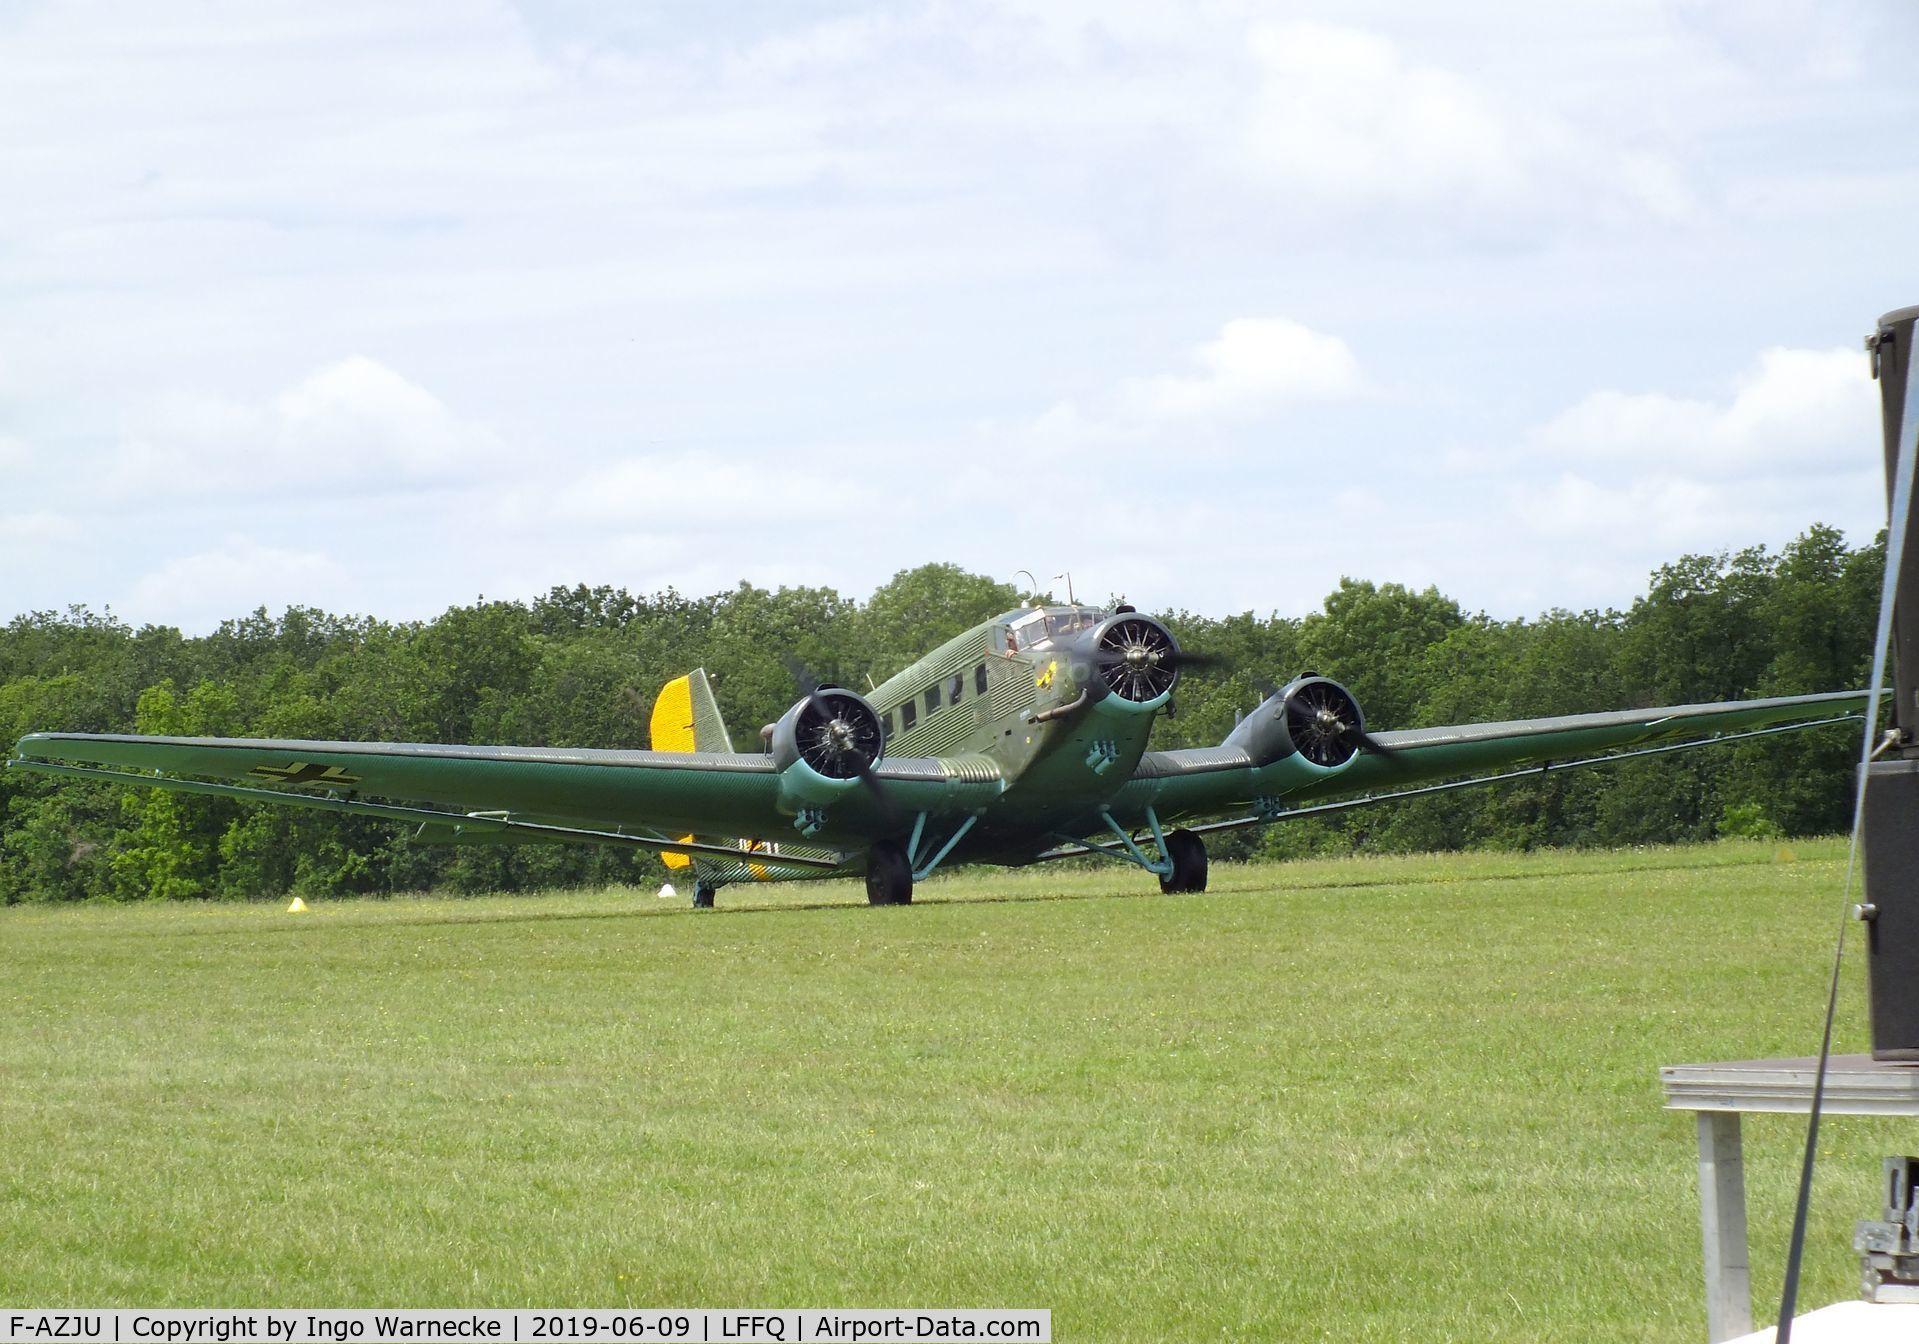 F-AZJU, 1952 Junkers (CASA) 352L (Ju-52) C/N 103, CASA 352L (Junkers Ju 52/3m) at the Meeting Aerien 2019, La-Ferte-Alais